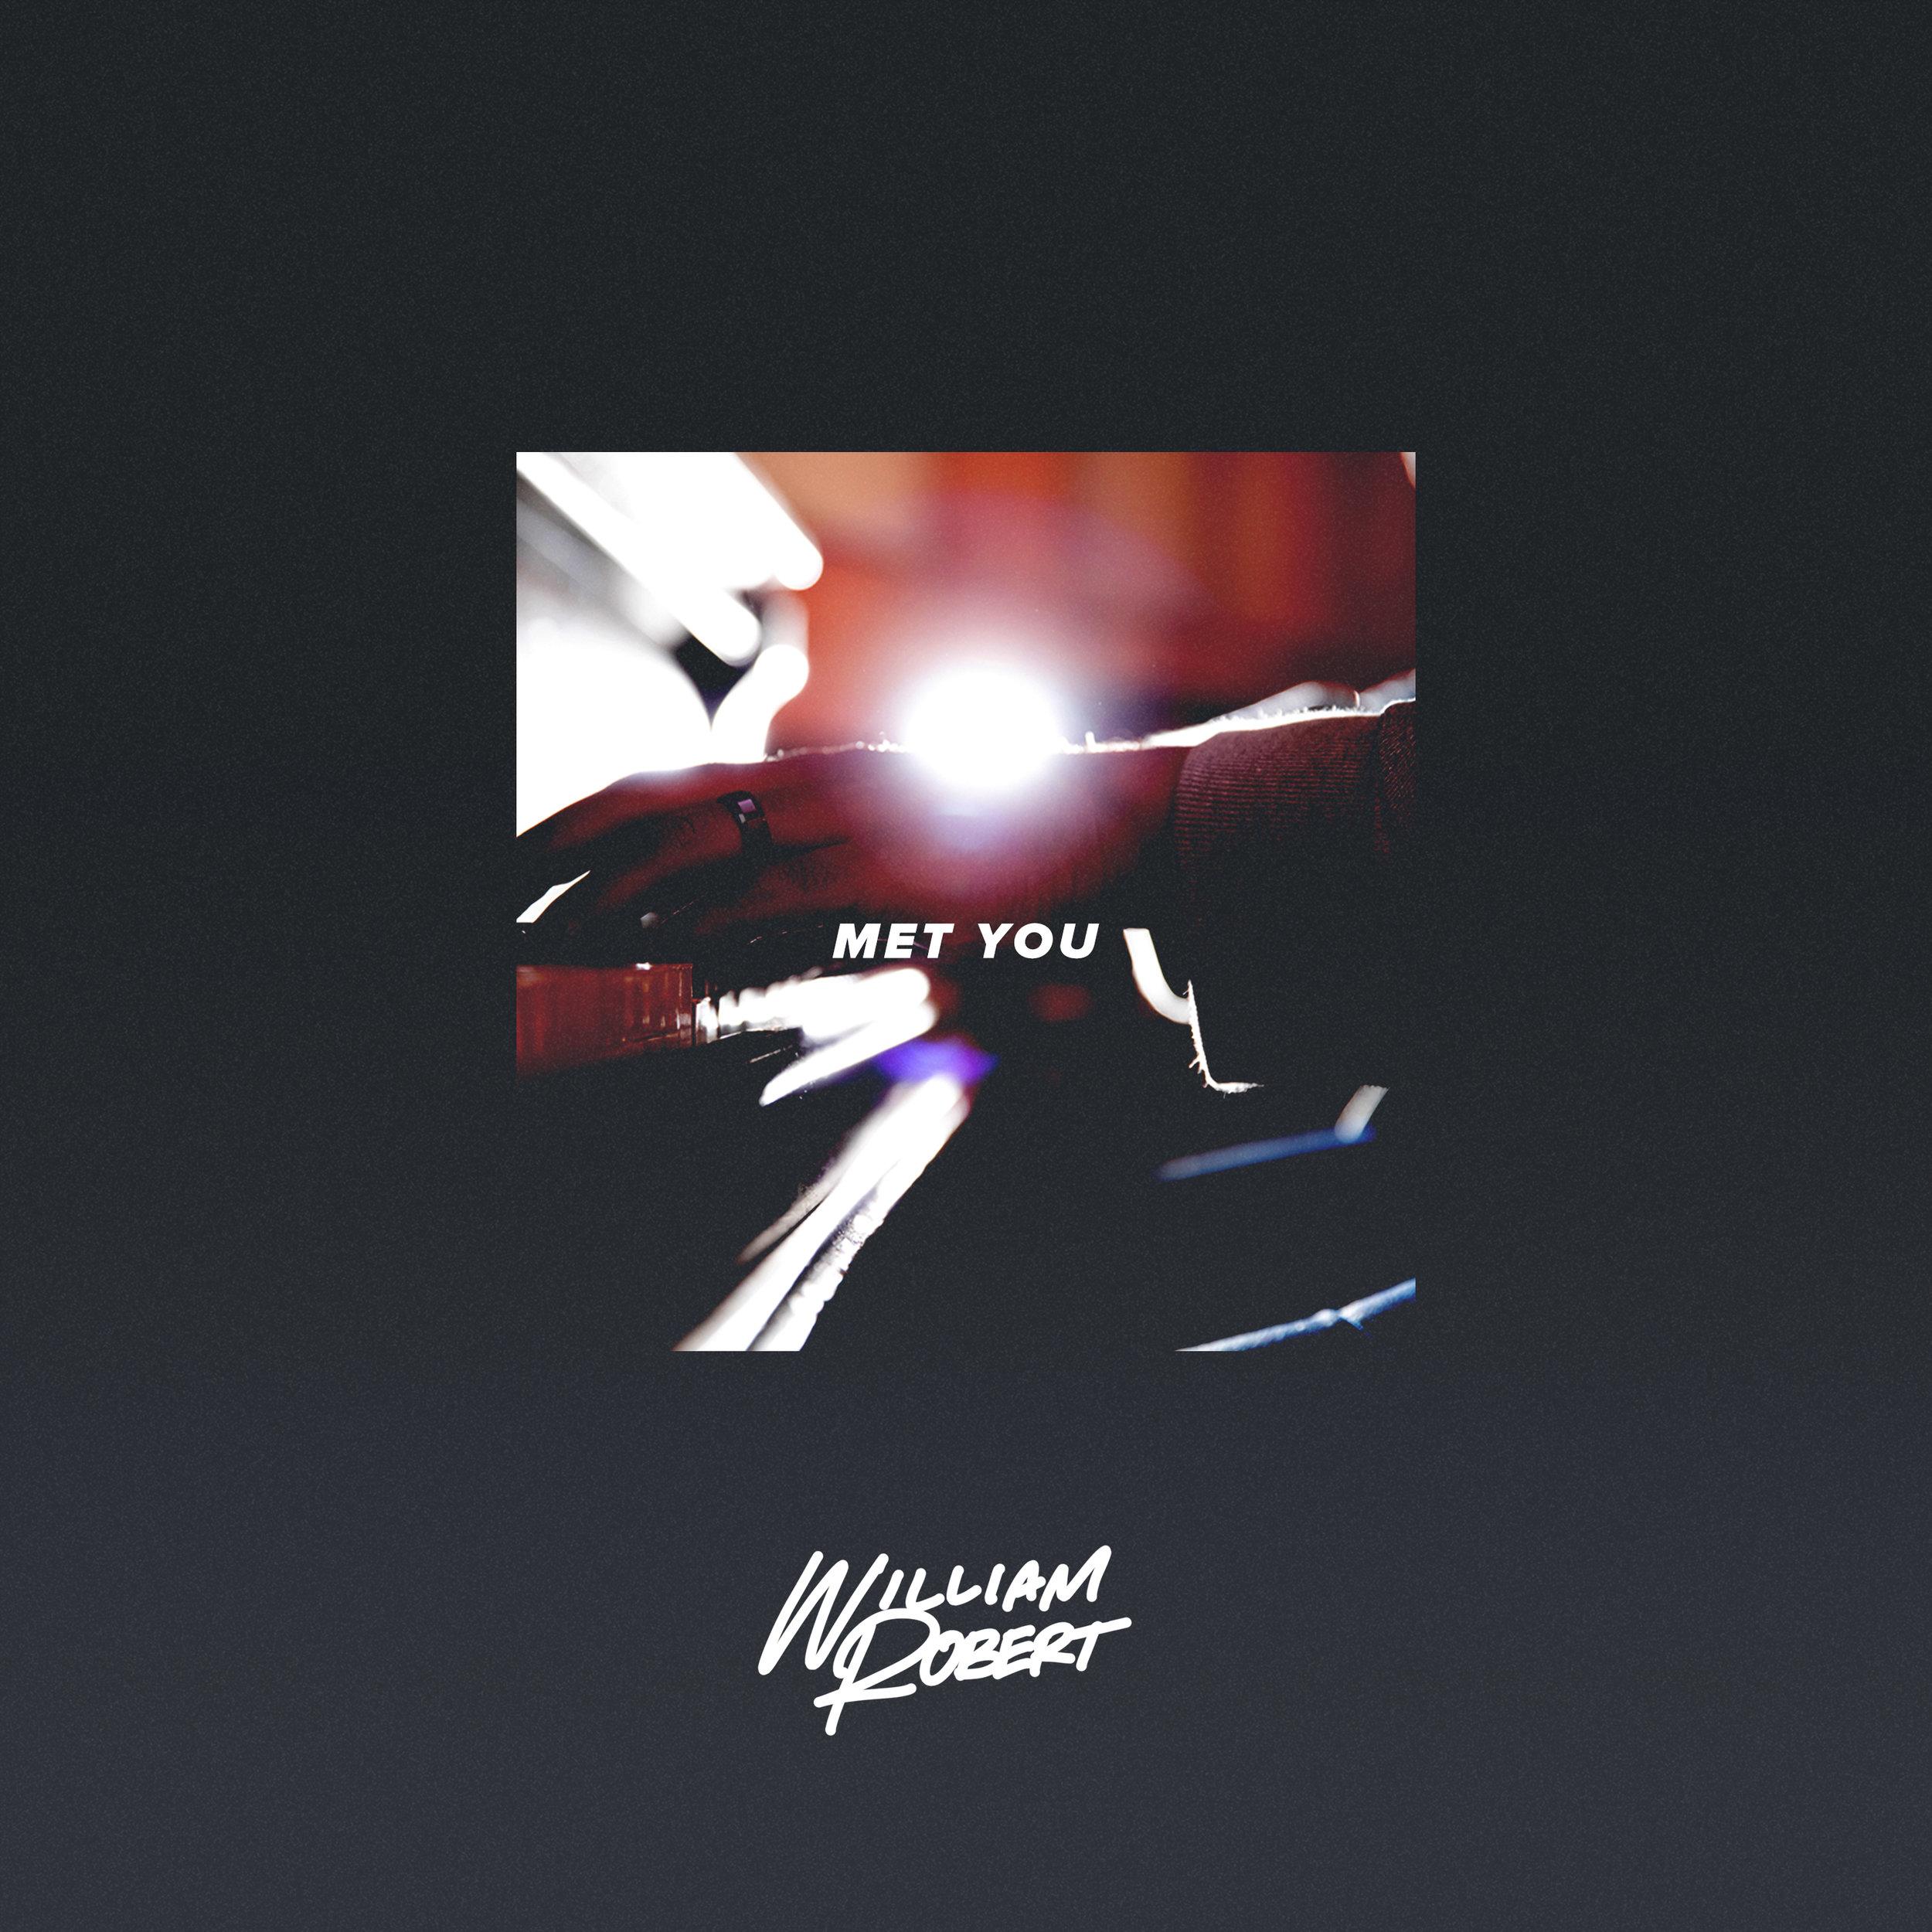 Met You - William Robert